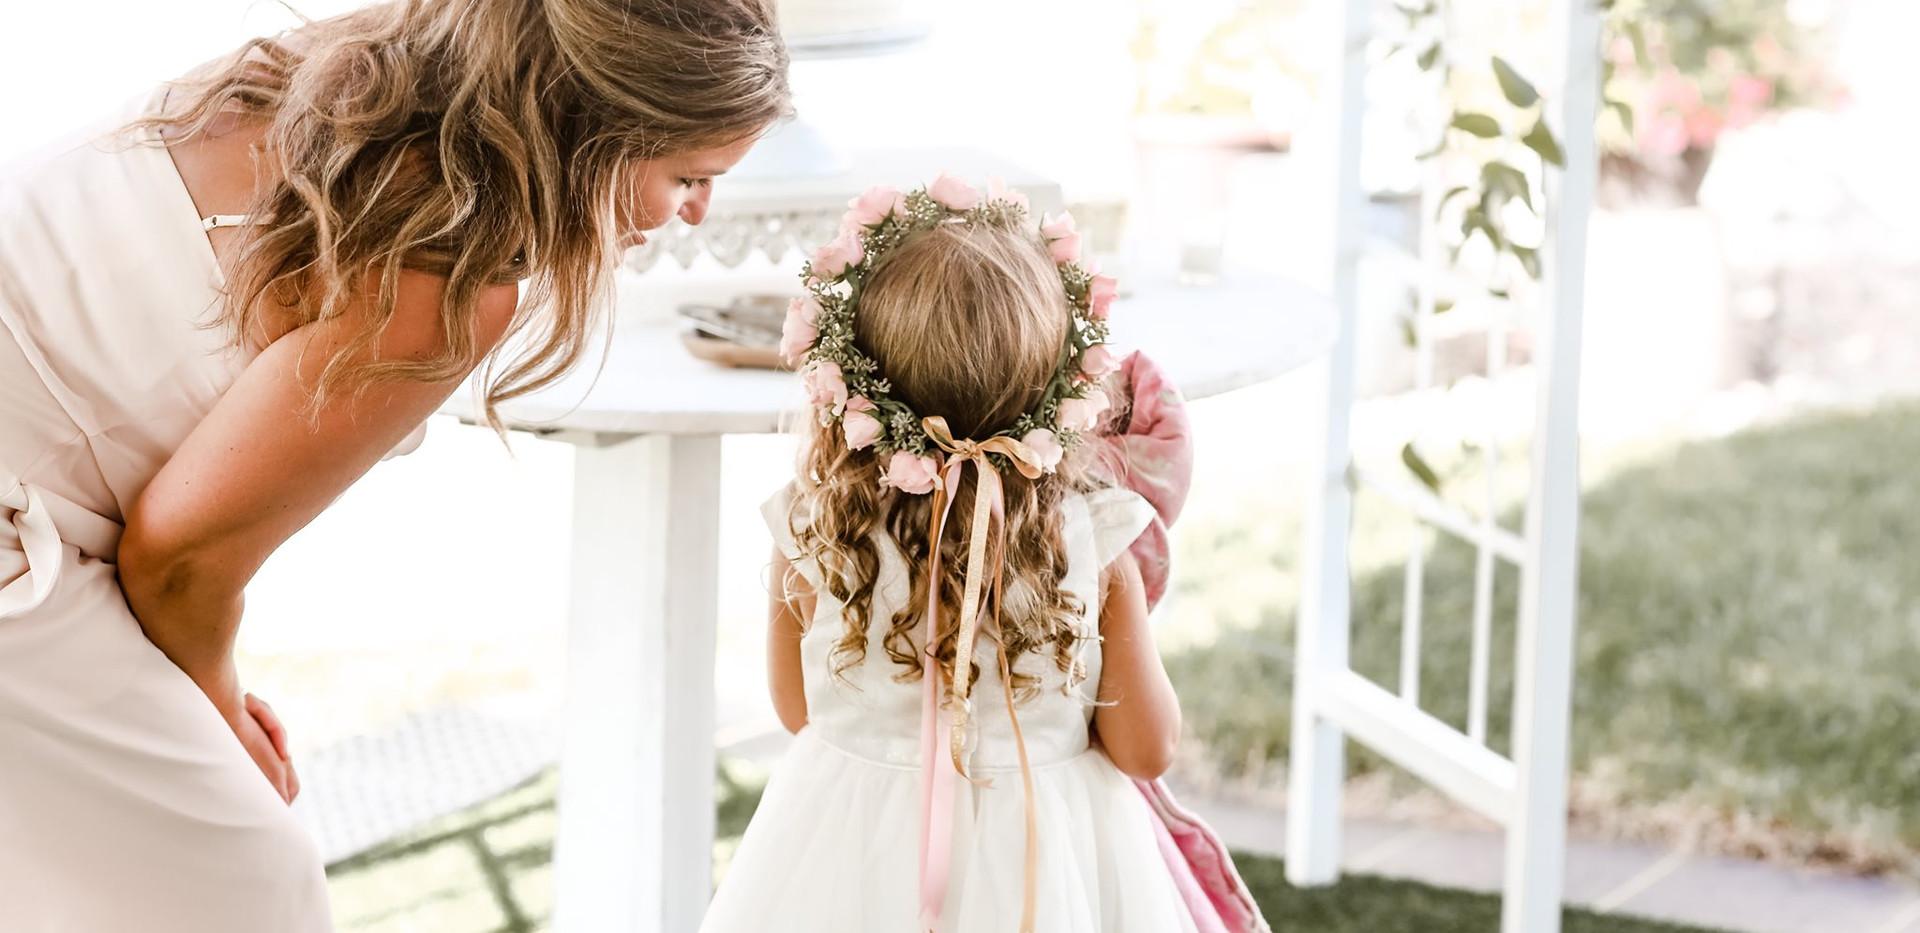 Flower Girl + Maid of Honor